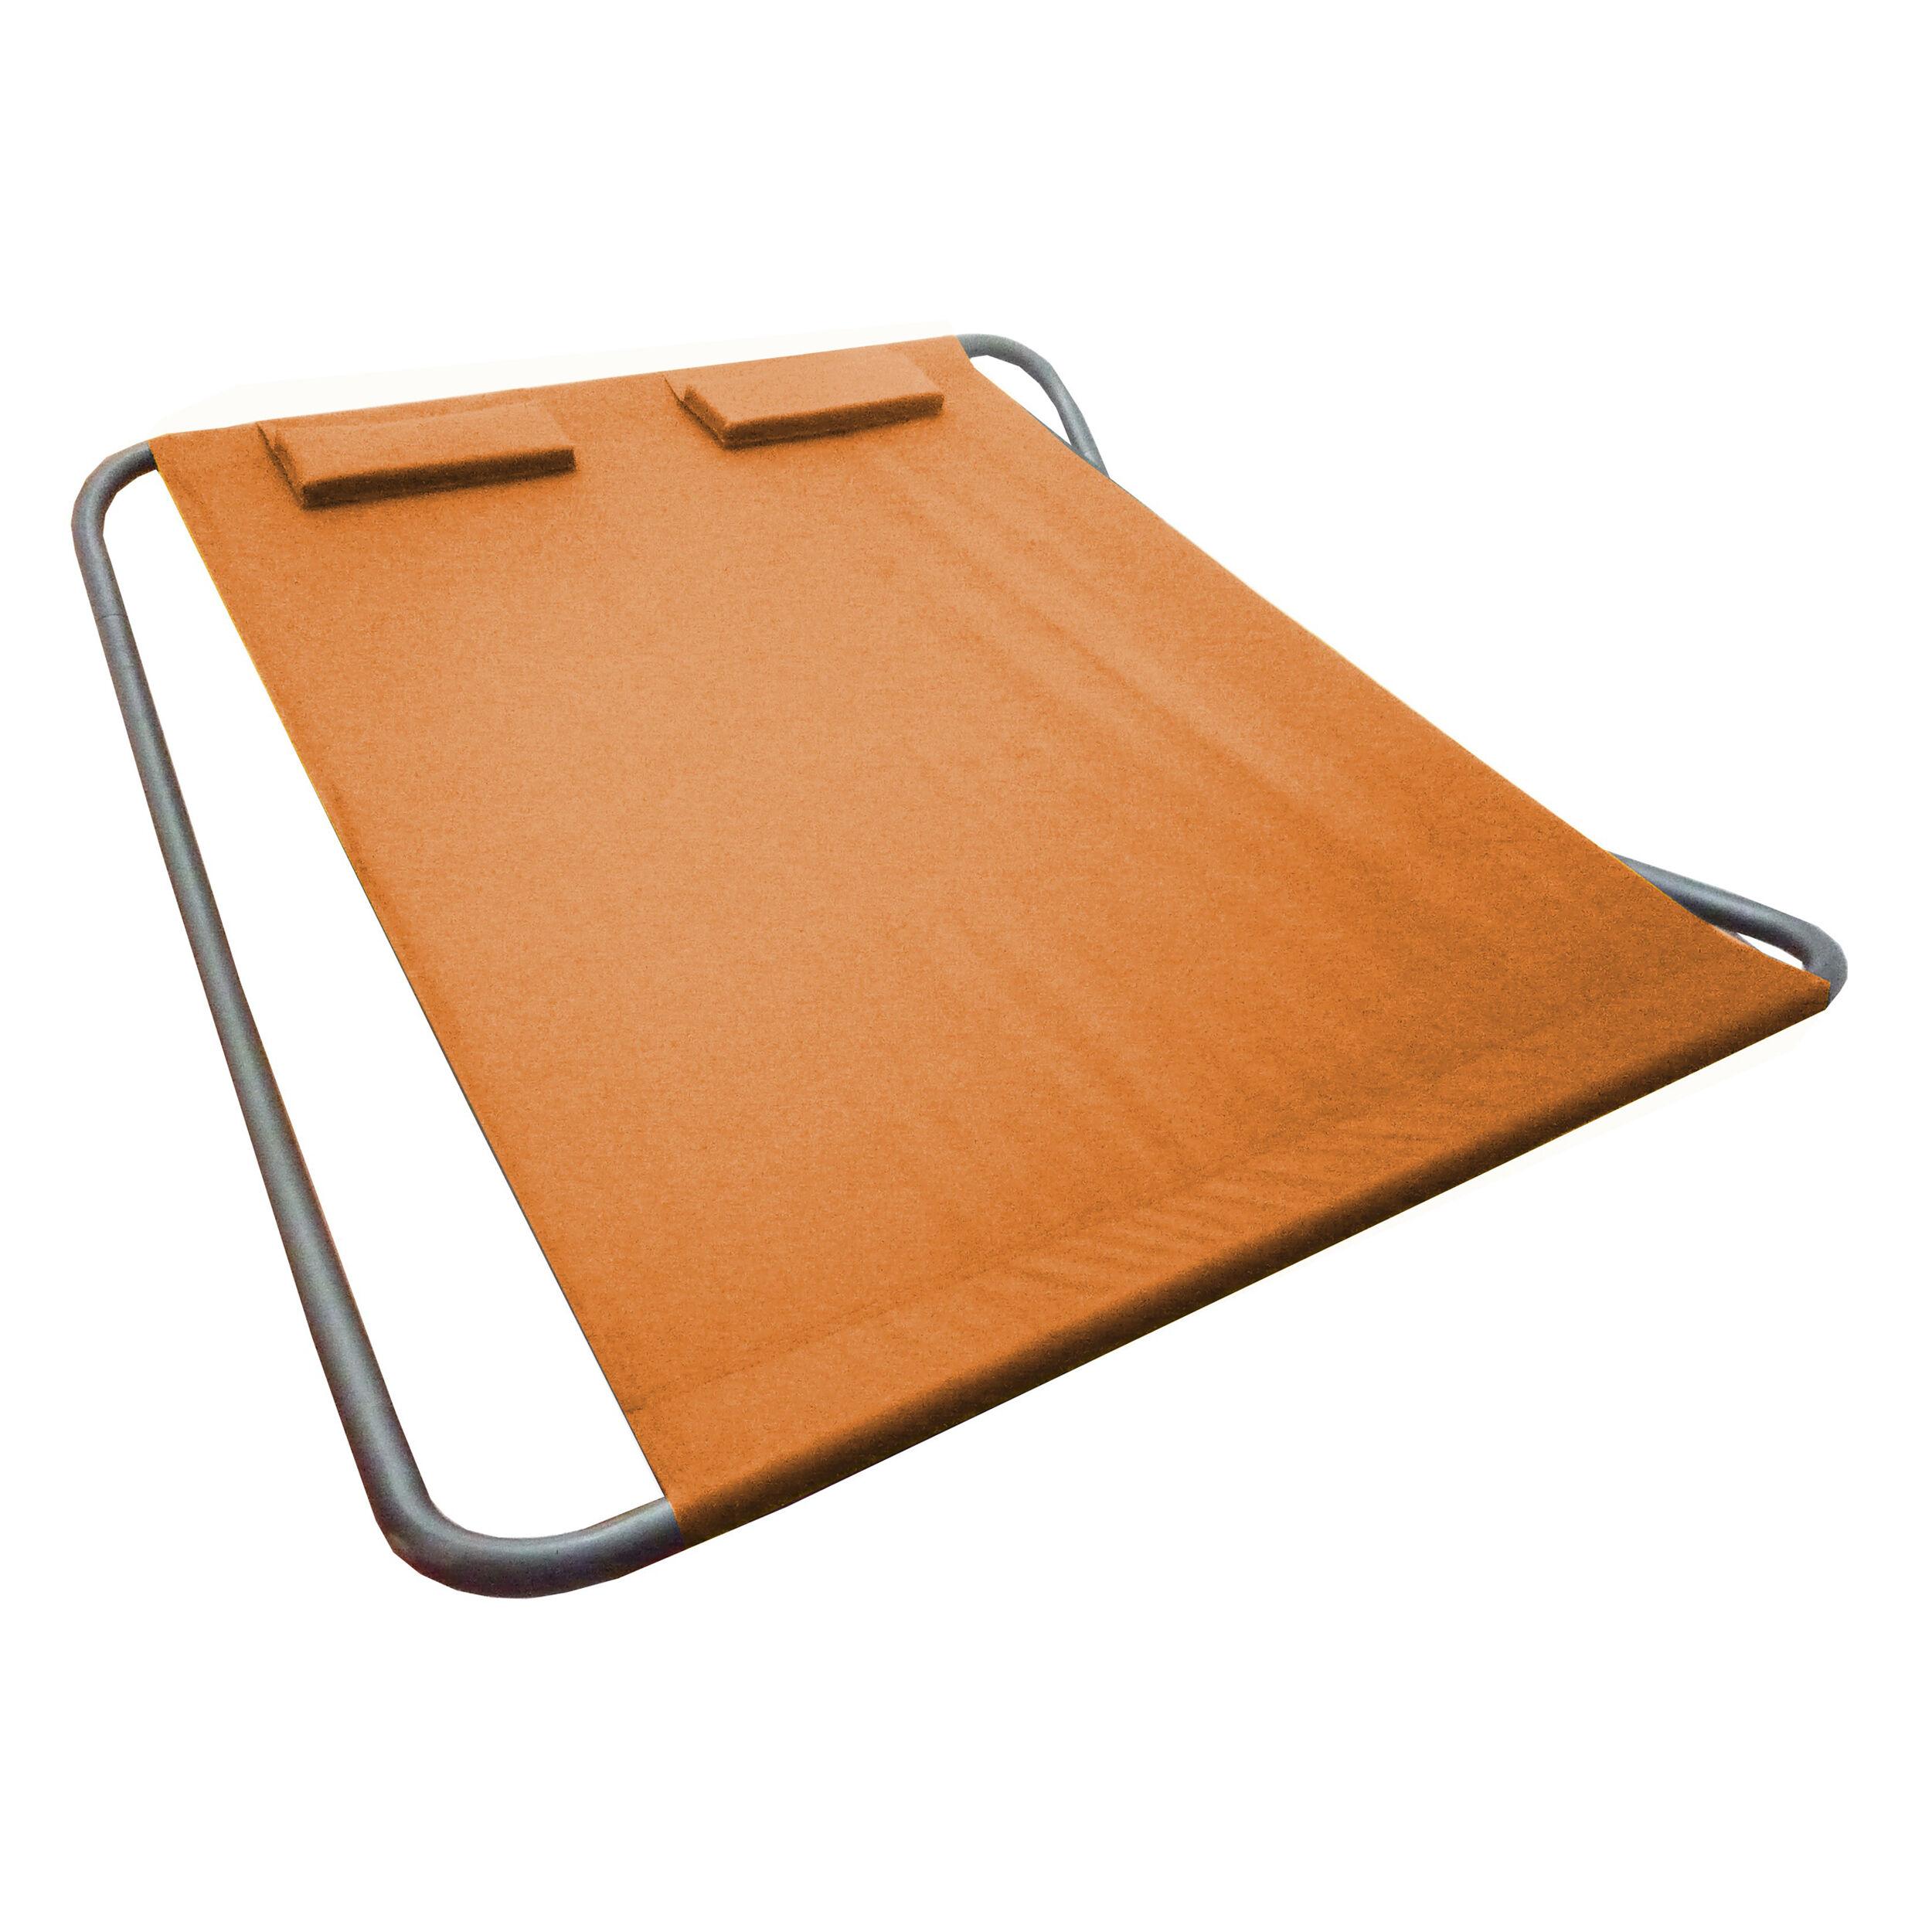 Rendez vous déco Rocking bed Kingston orange